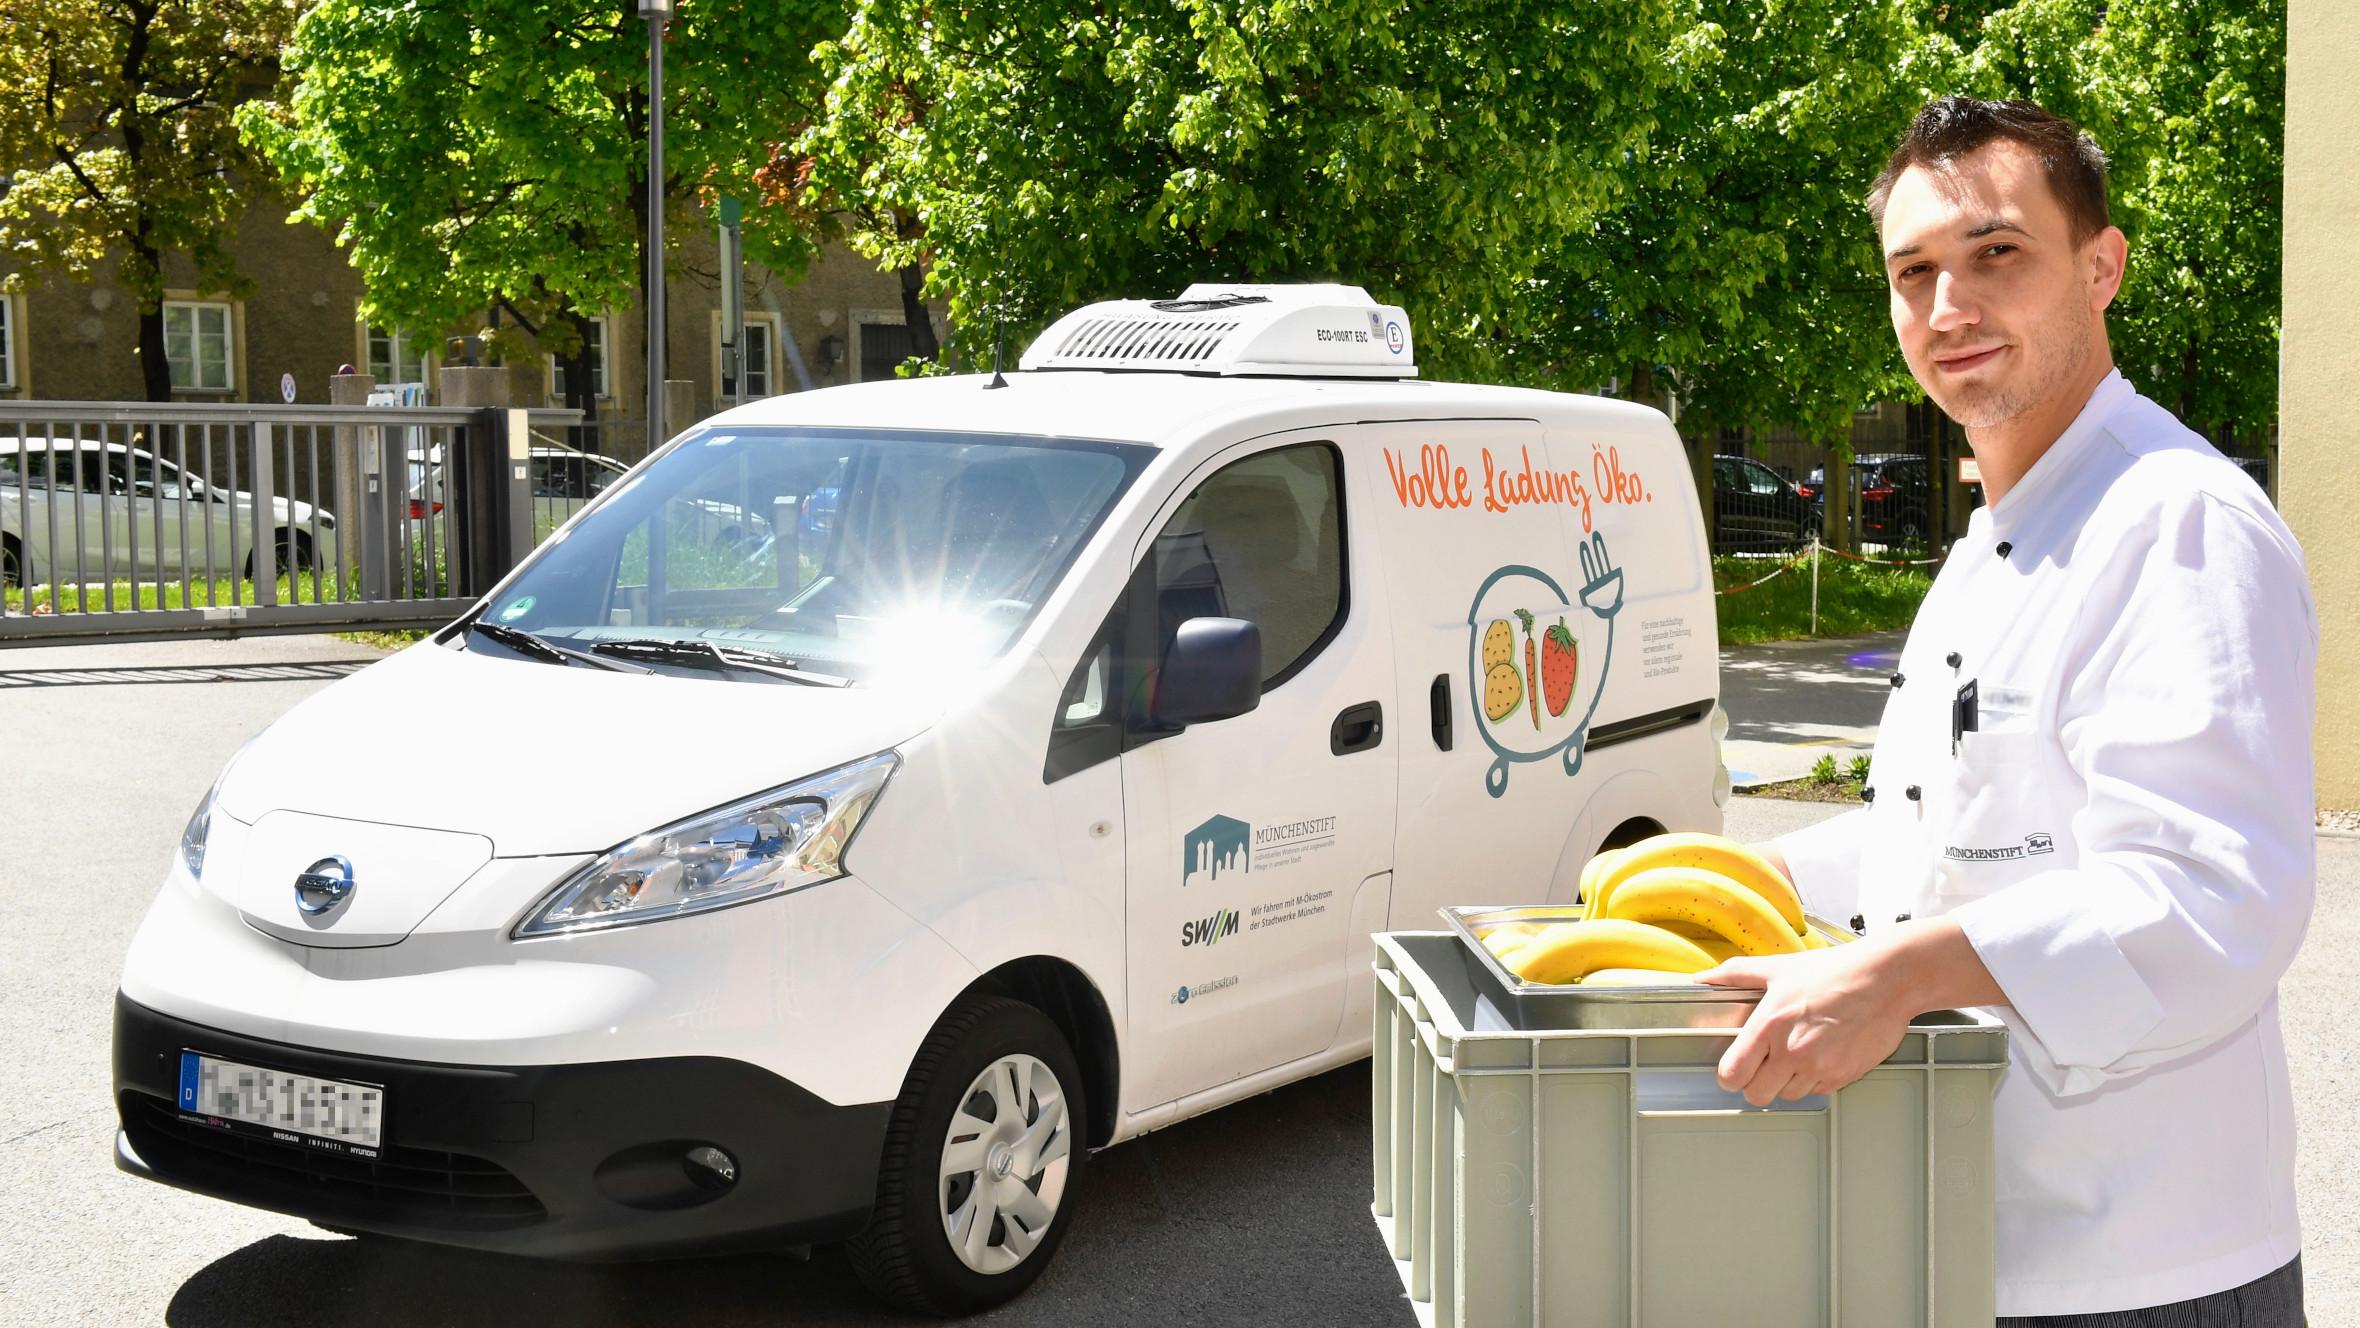 Mitarbeiter der Küche beim beladen eines neuen e-mobilen Küchen-Lieferfahrzeugs